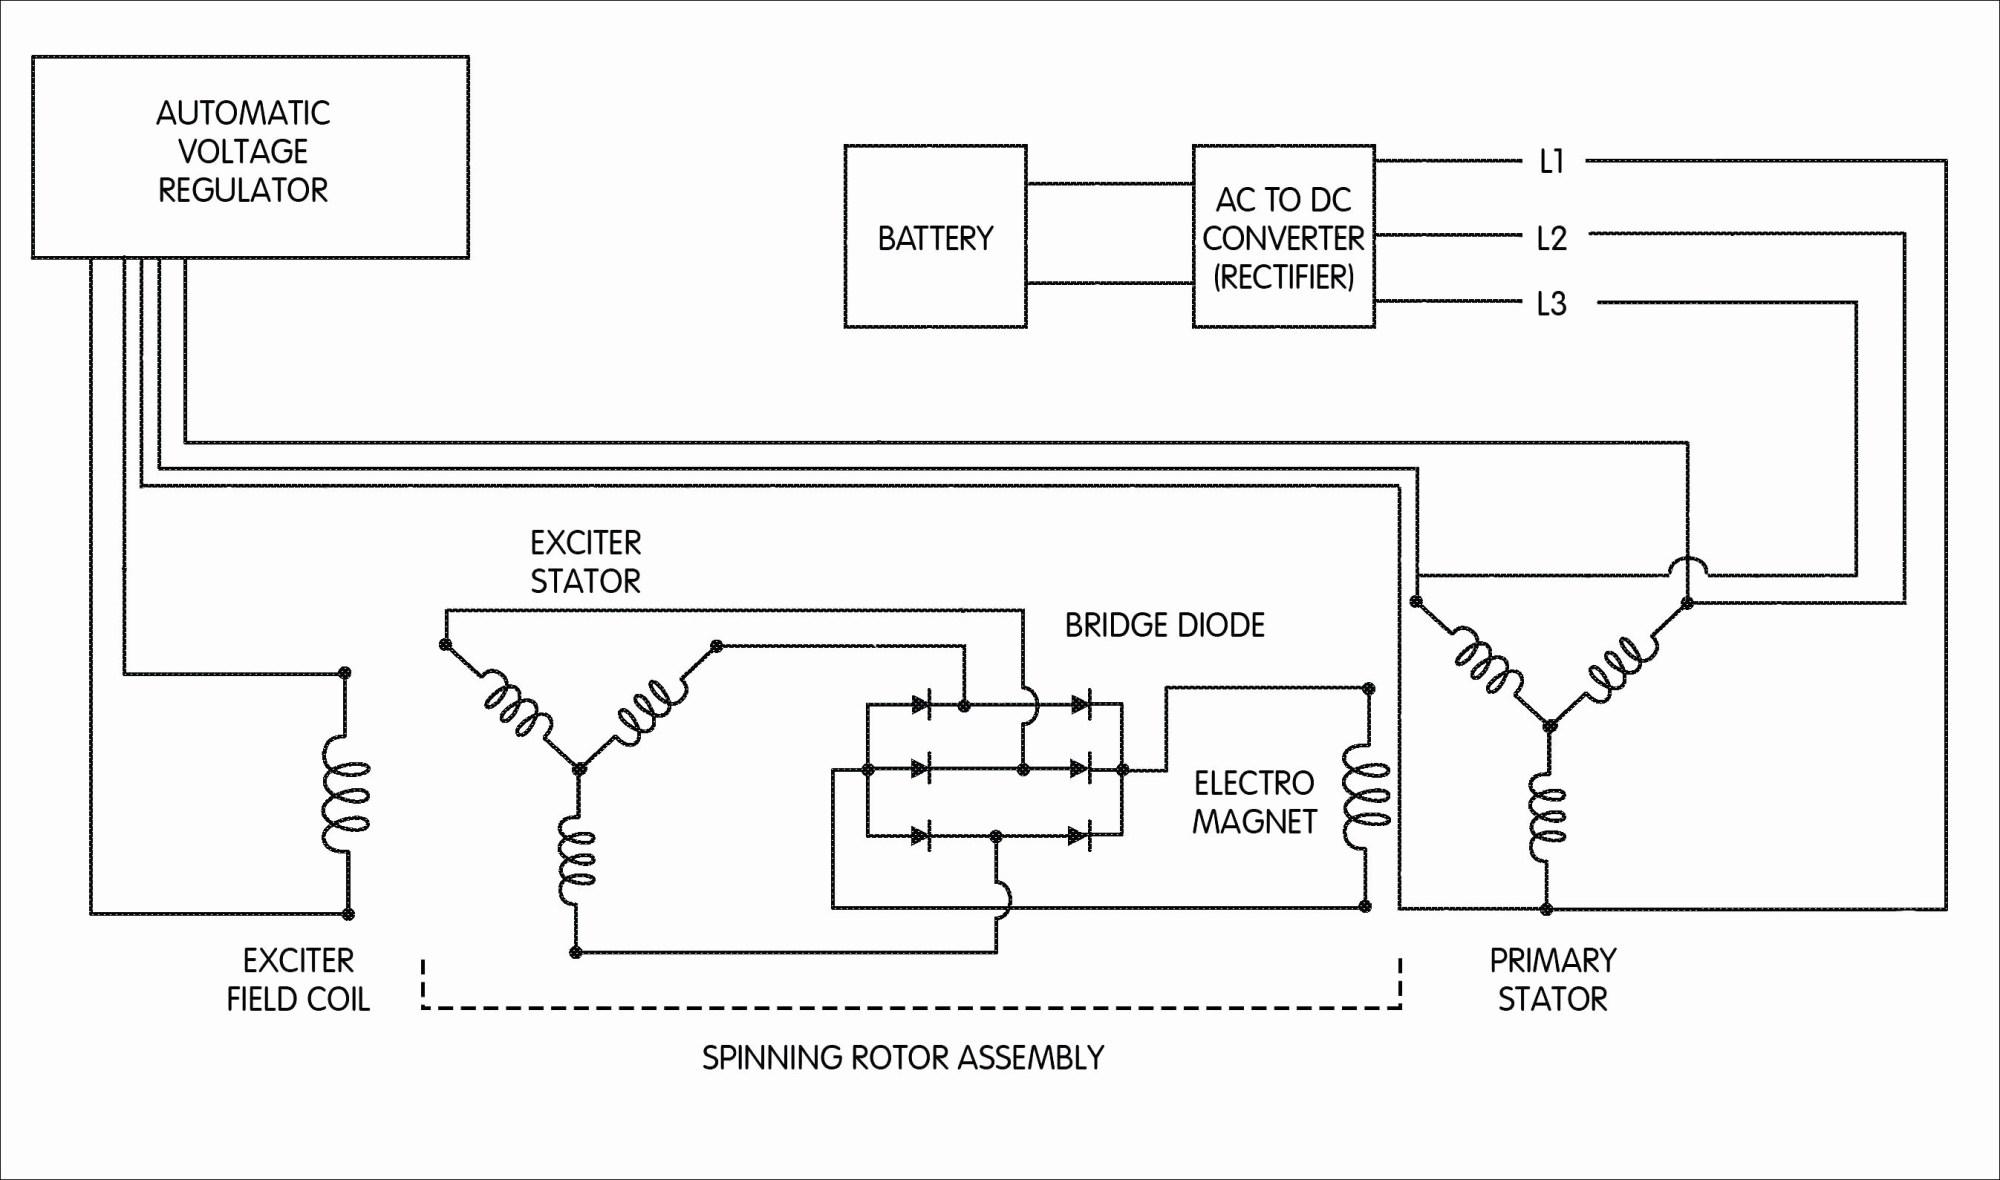 4 Wire Gm Alternator Diagram -  Wire Voltage Regulator Wiring Diagram Chevy on